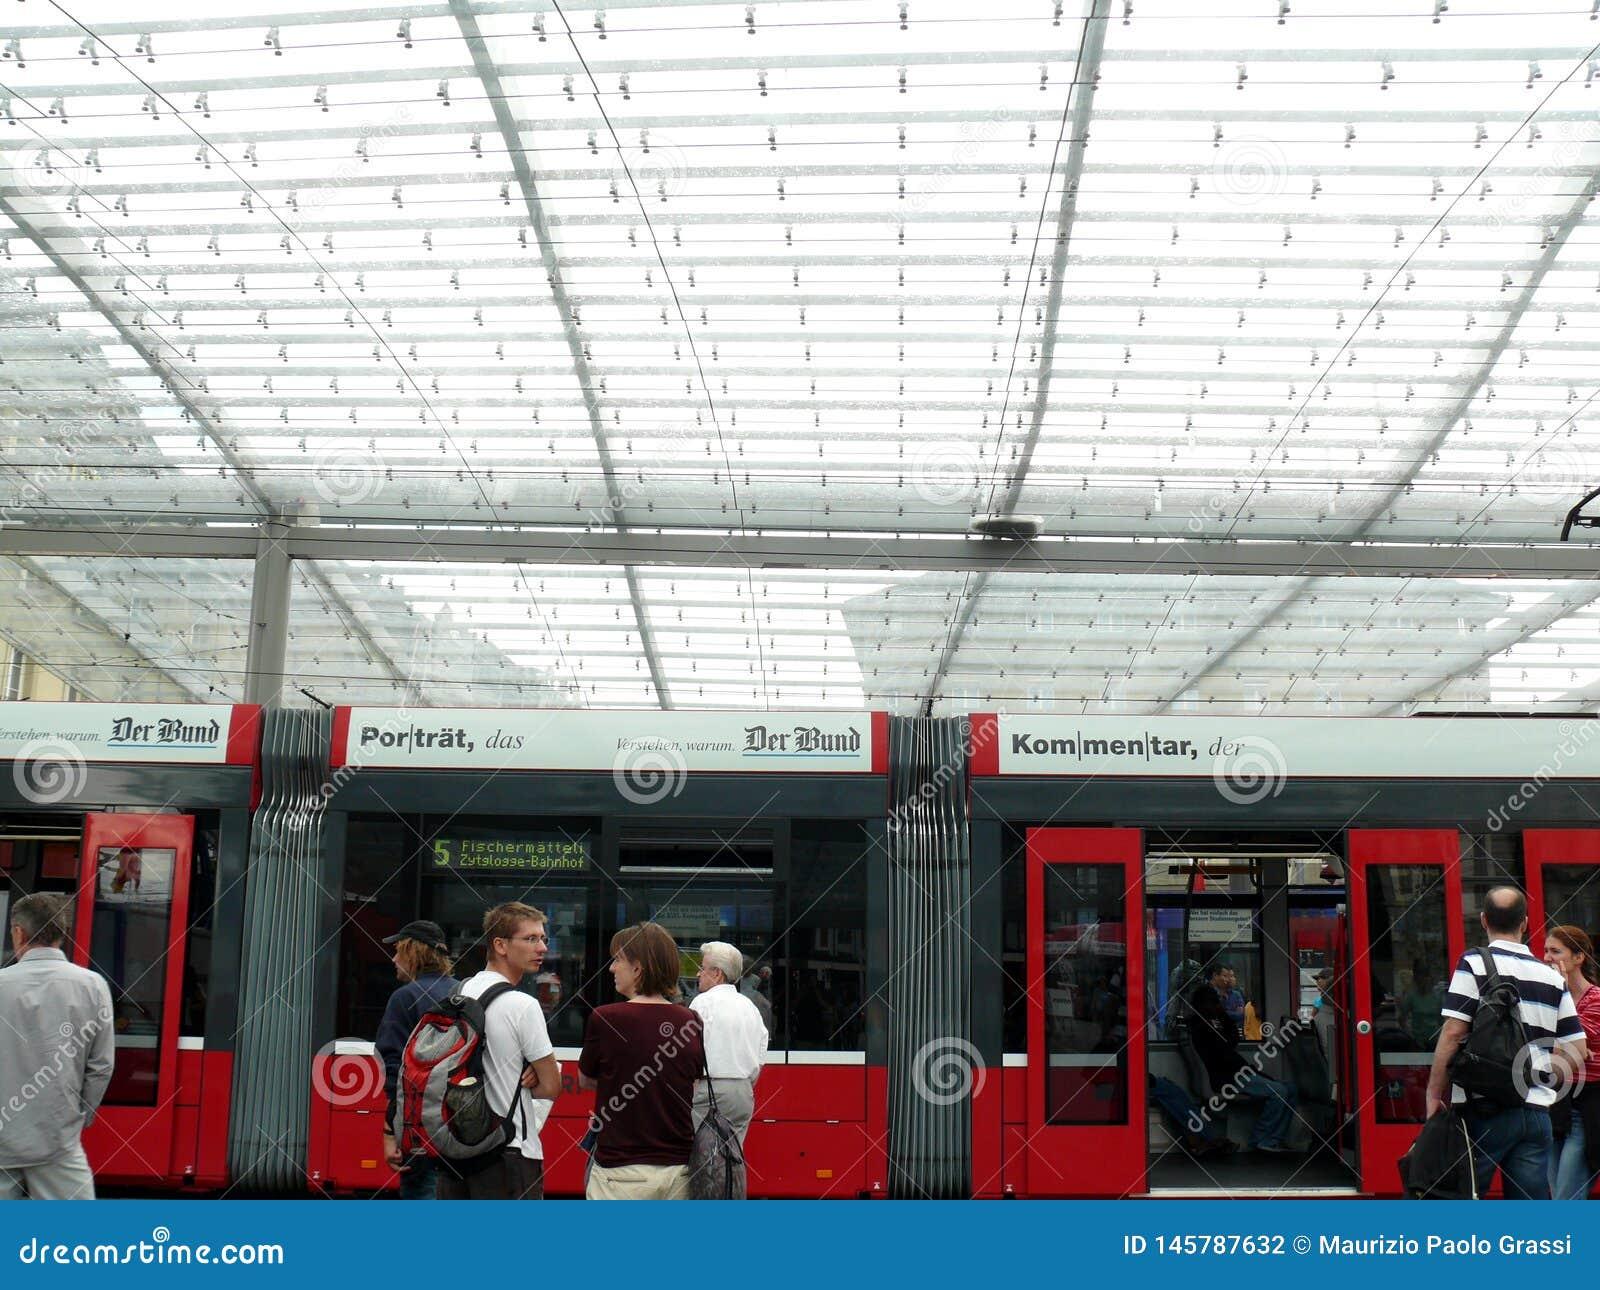 伯尔尼,瑞士 08/02/2009 电车驻地的乘客